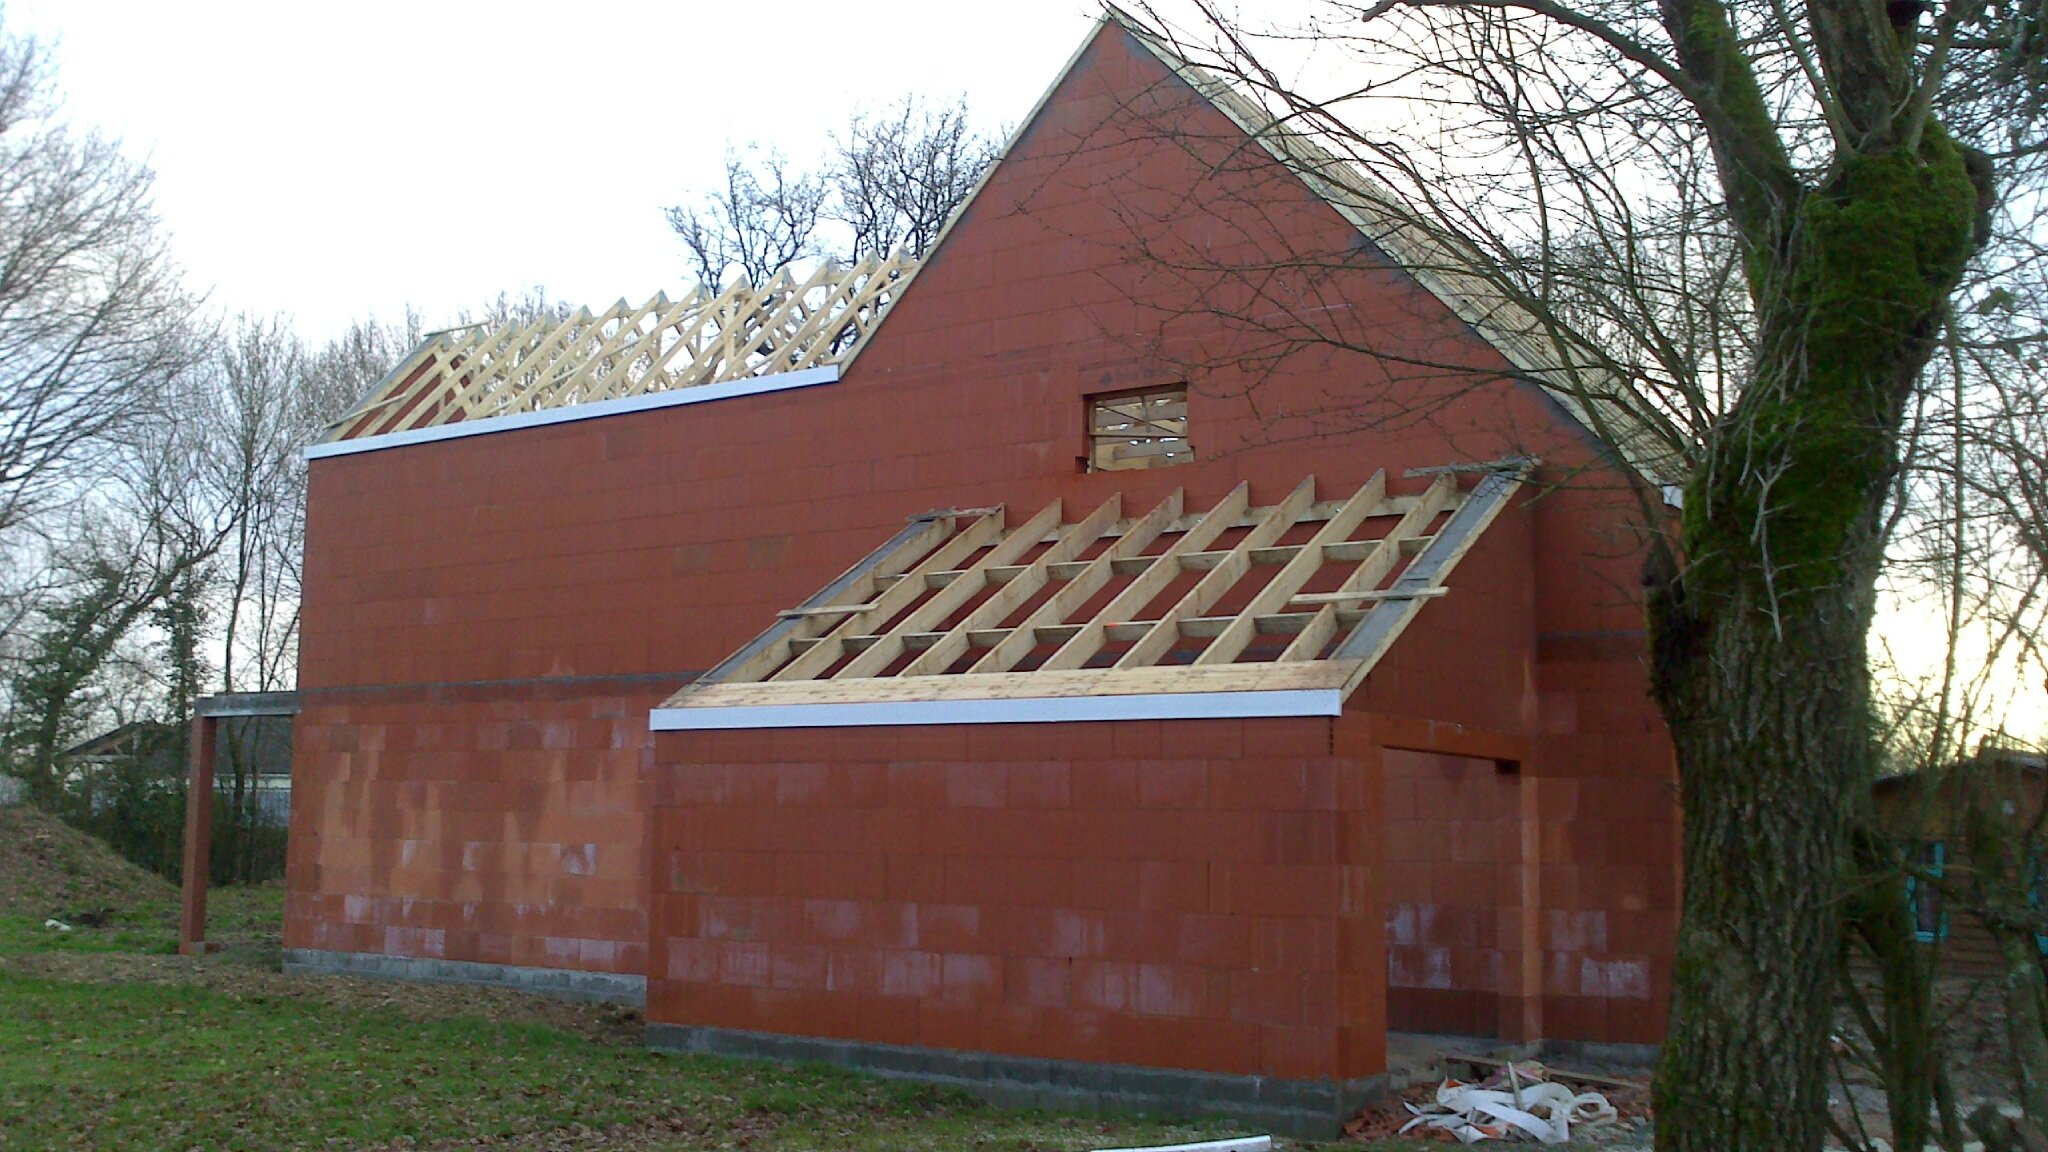 La charpente de la maison bis emplacements rebords de for La maison de la fenetre